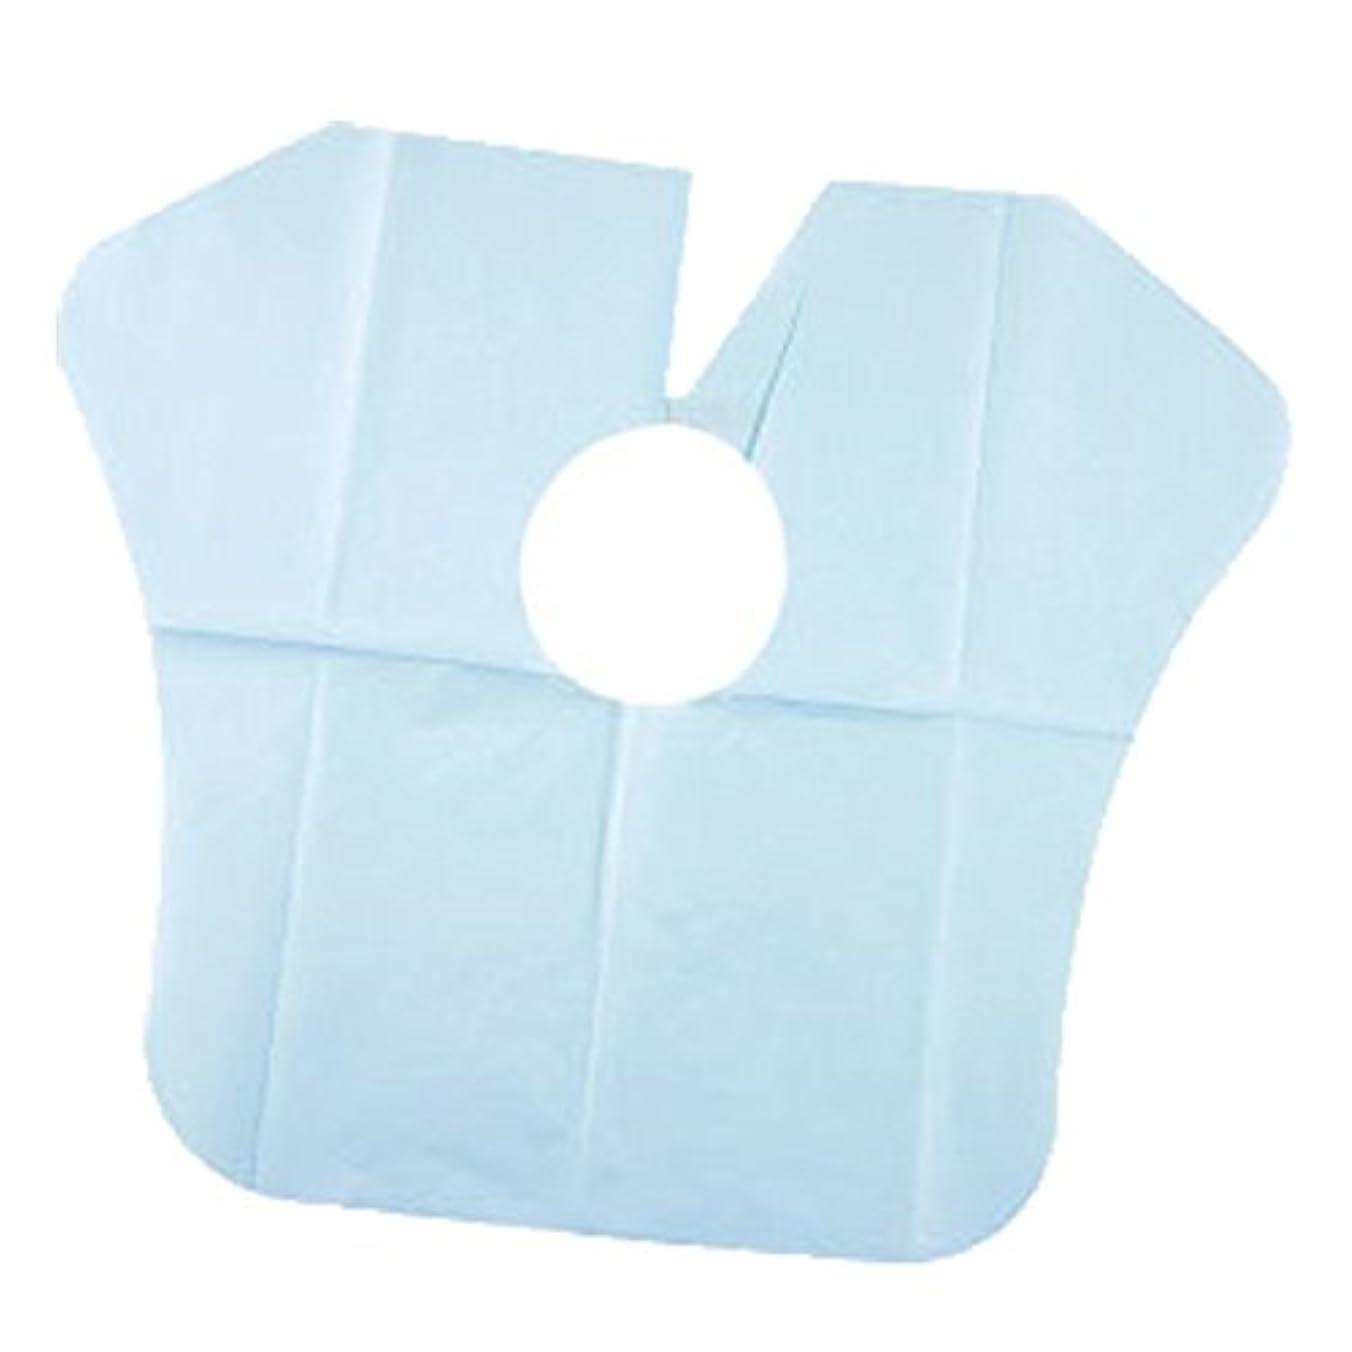 かすれた安心四半期ヨネコ ペーパーケープ 30枚入 不織布 ヘアダイクロスを汚れから守ります! YONECO